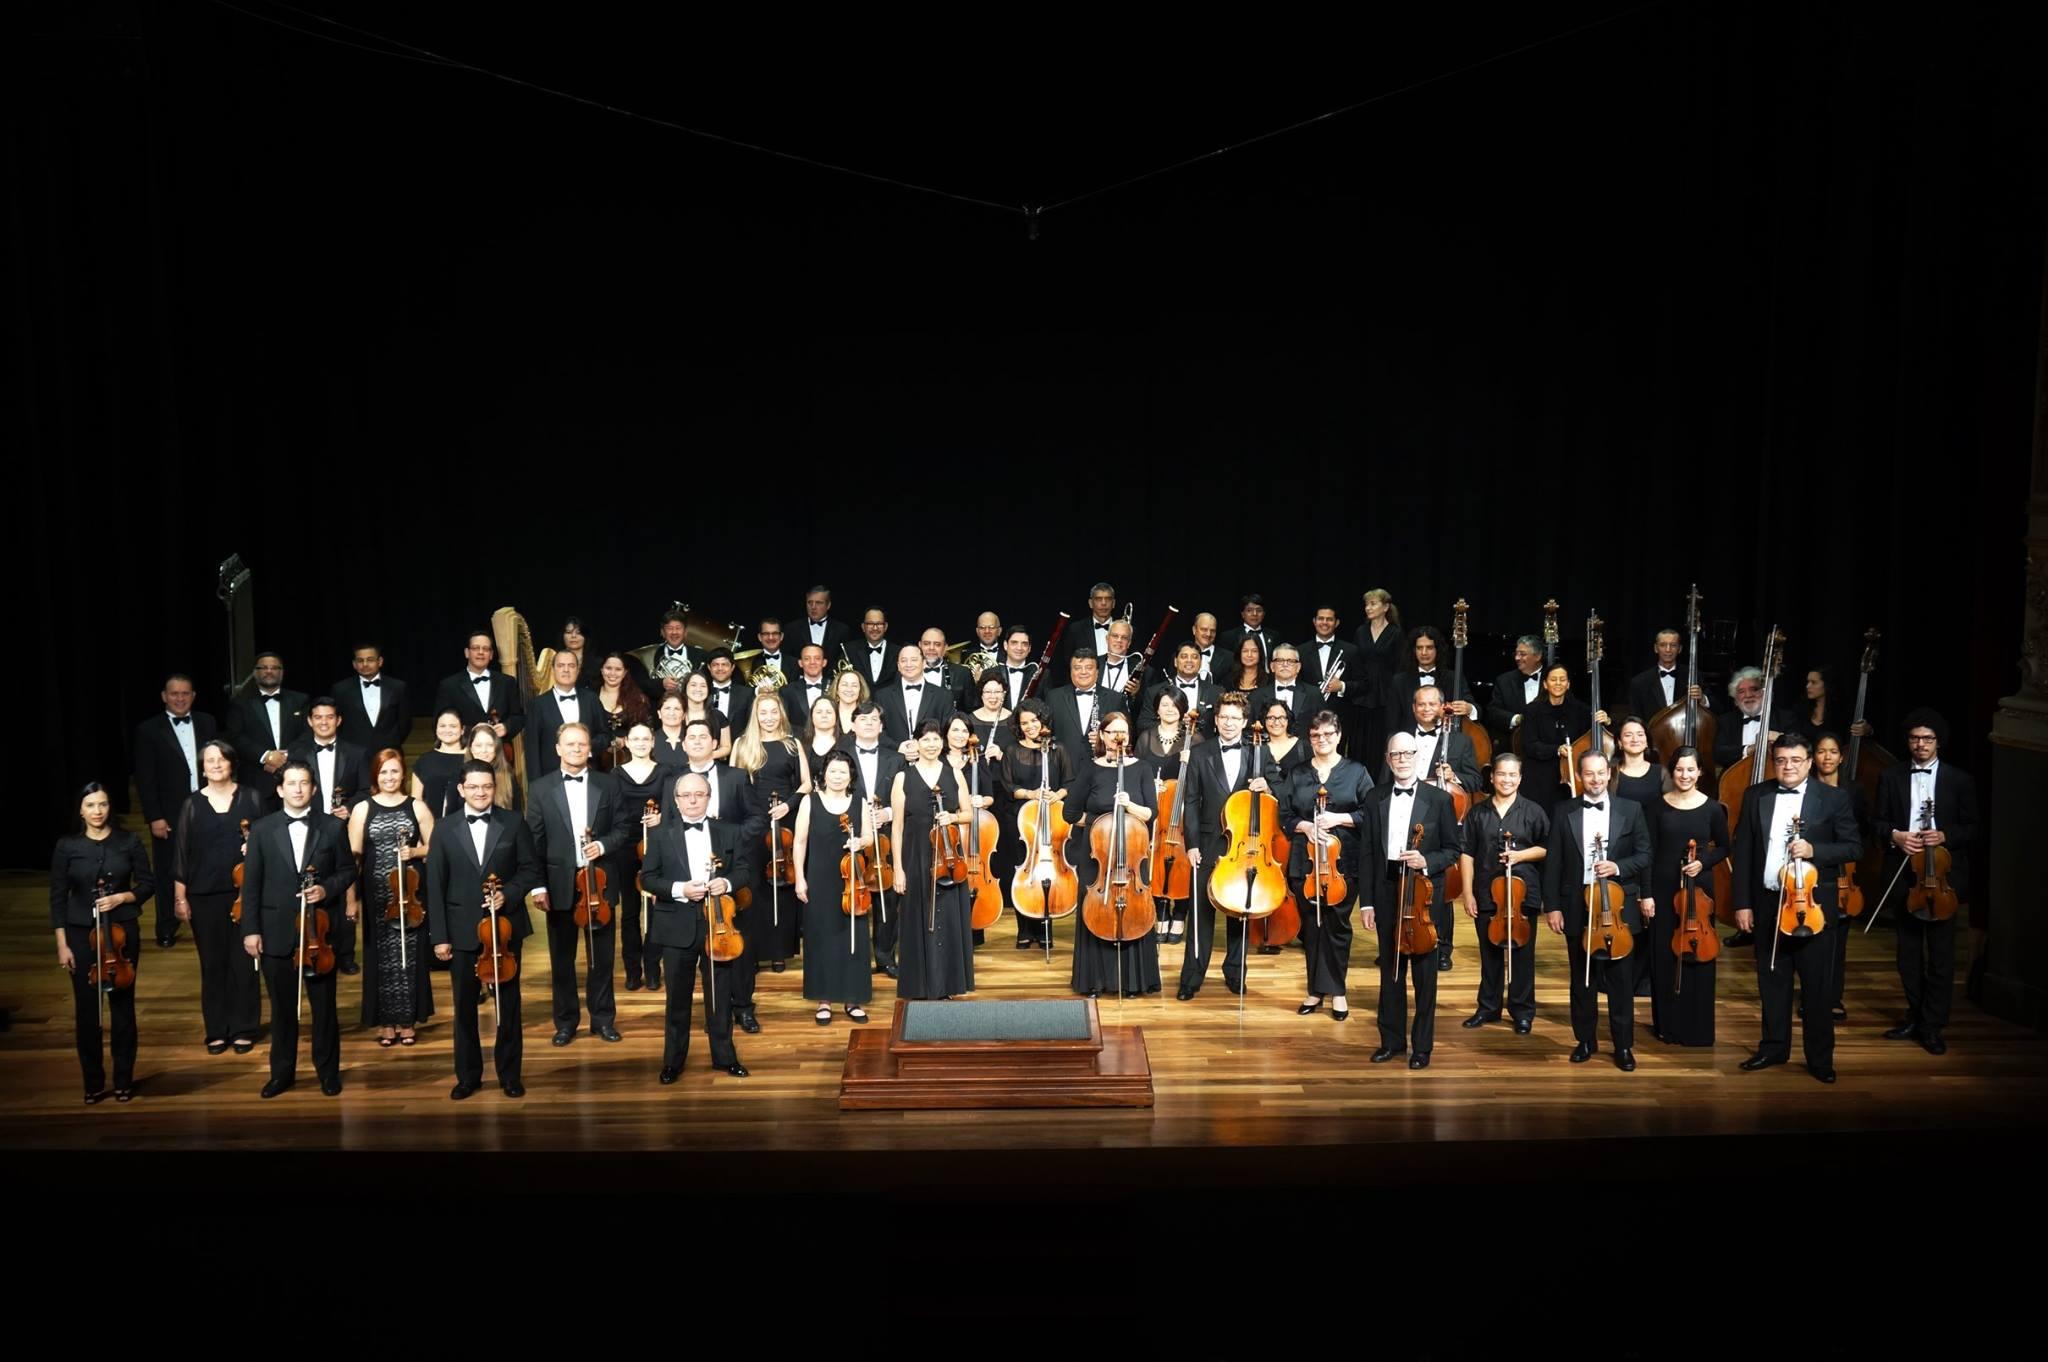 latin-grammy-orchestre-costa-rica-decouverte